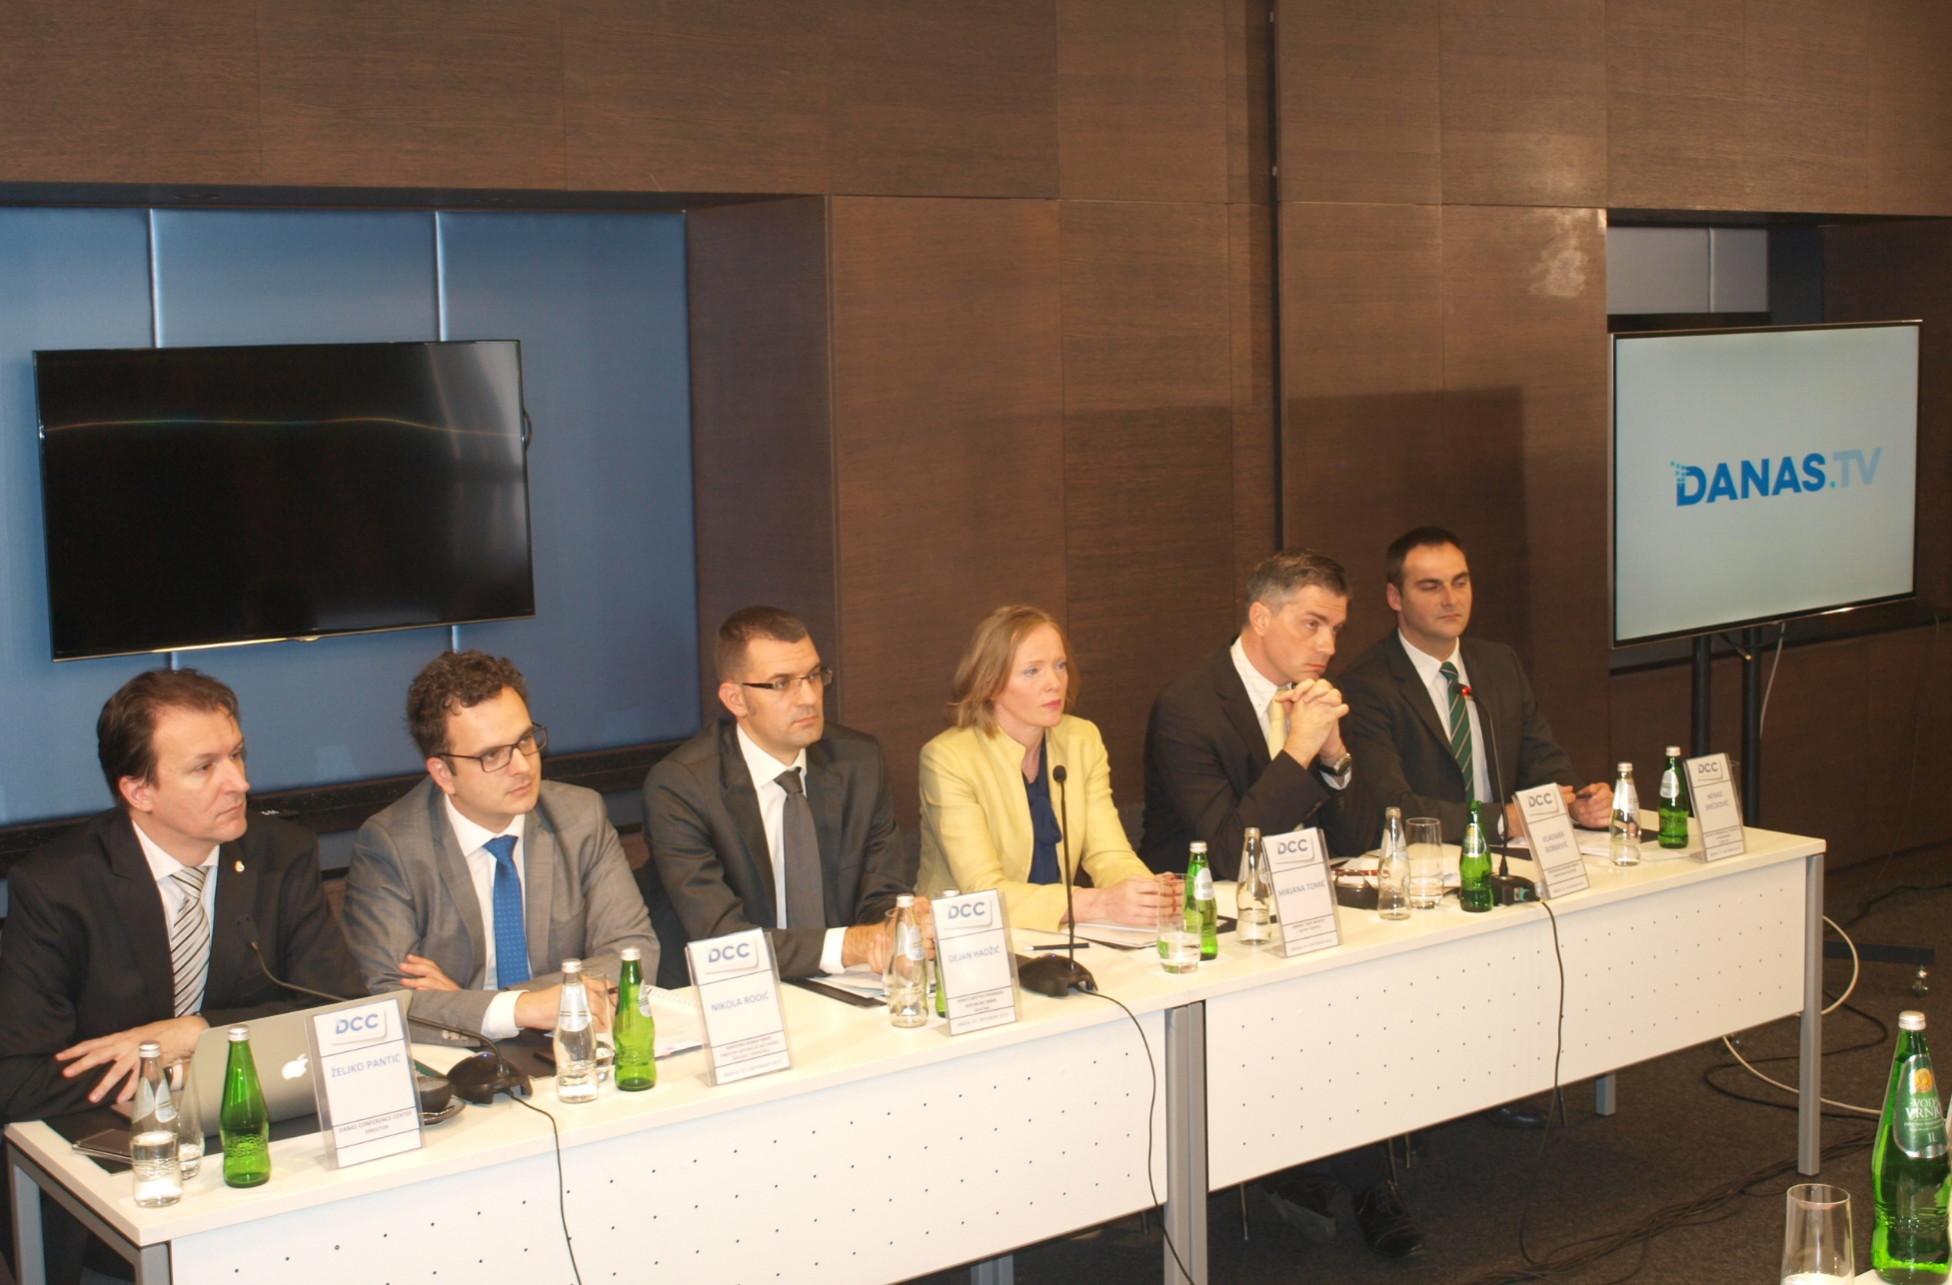 zivotno-osiguranje-i-uloga-medija-konferencija-danas-dcc